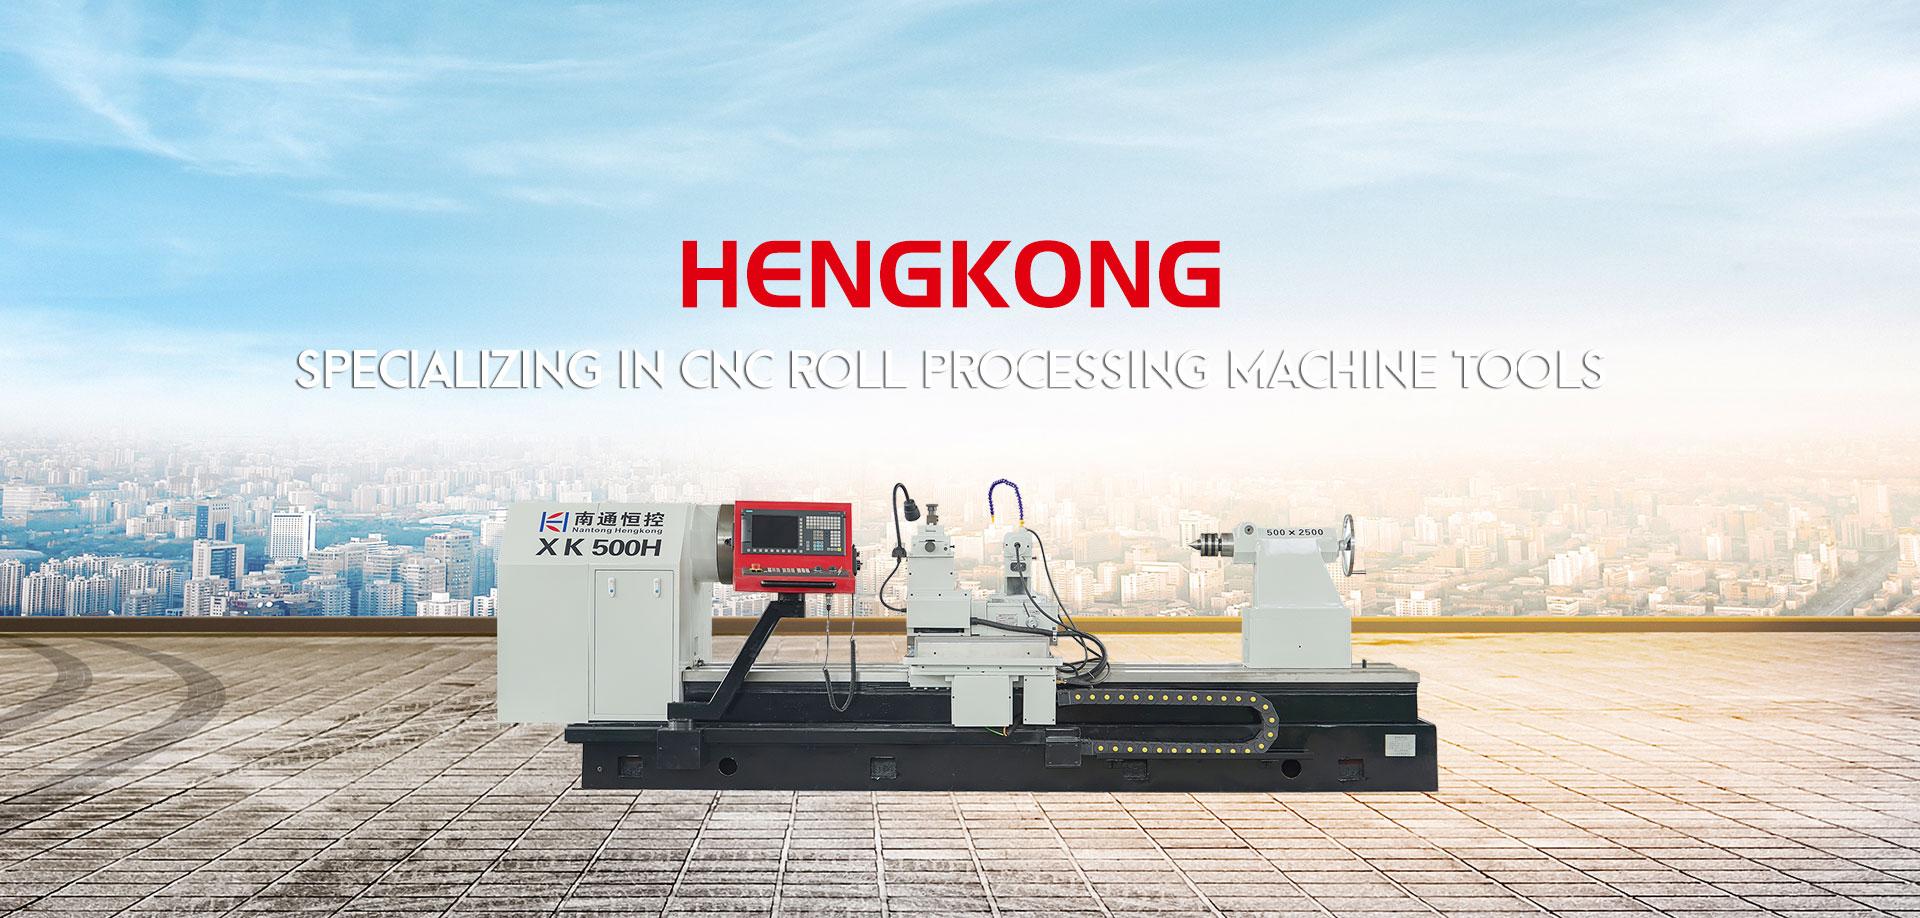 Hengkong